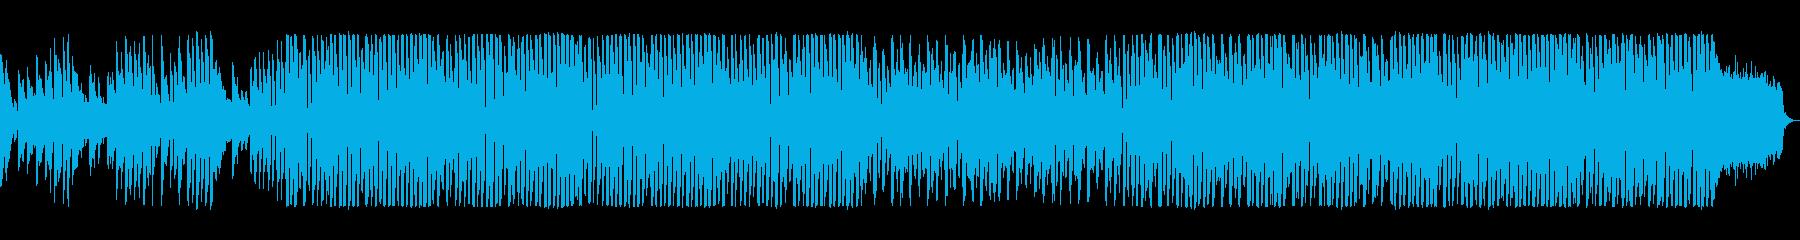 明るい楽しいエレクトロポップの再生済みの波形